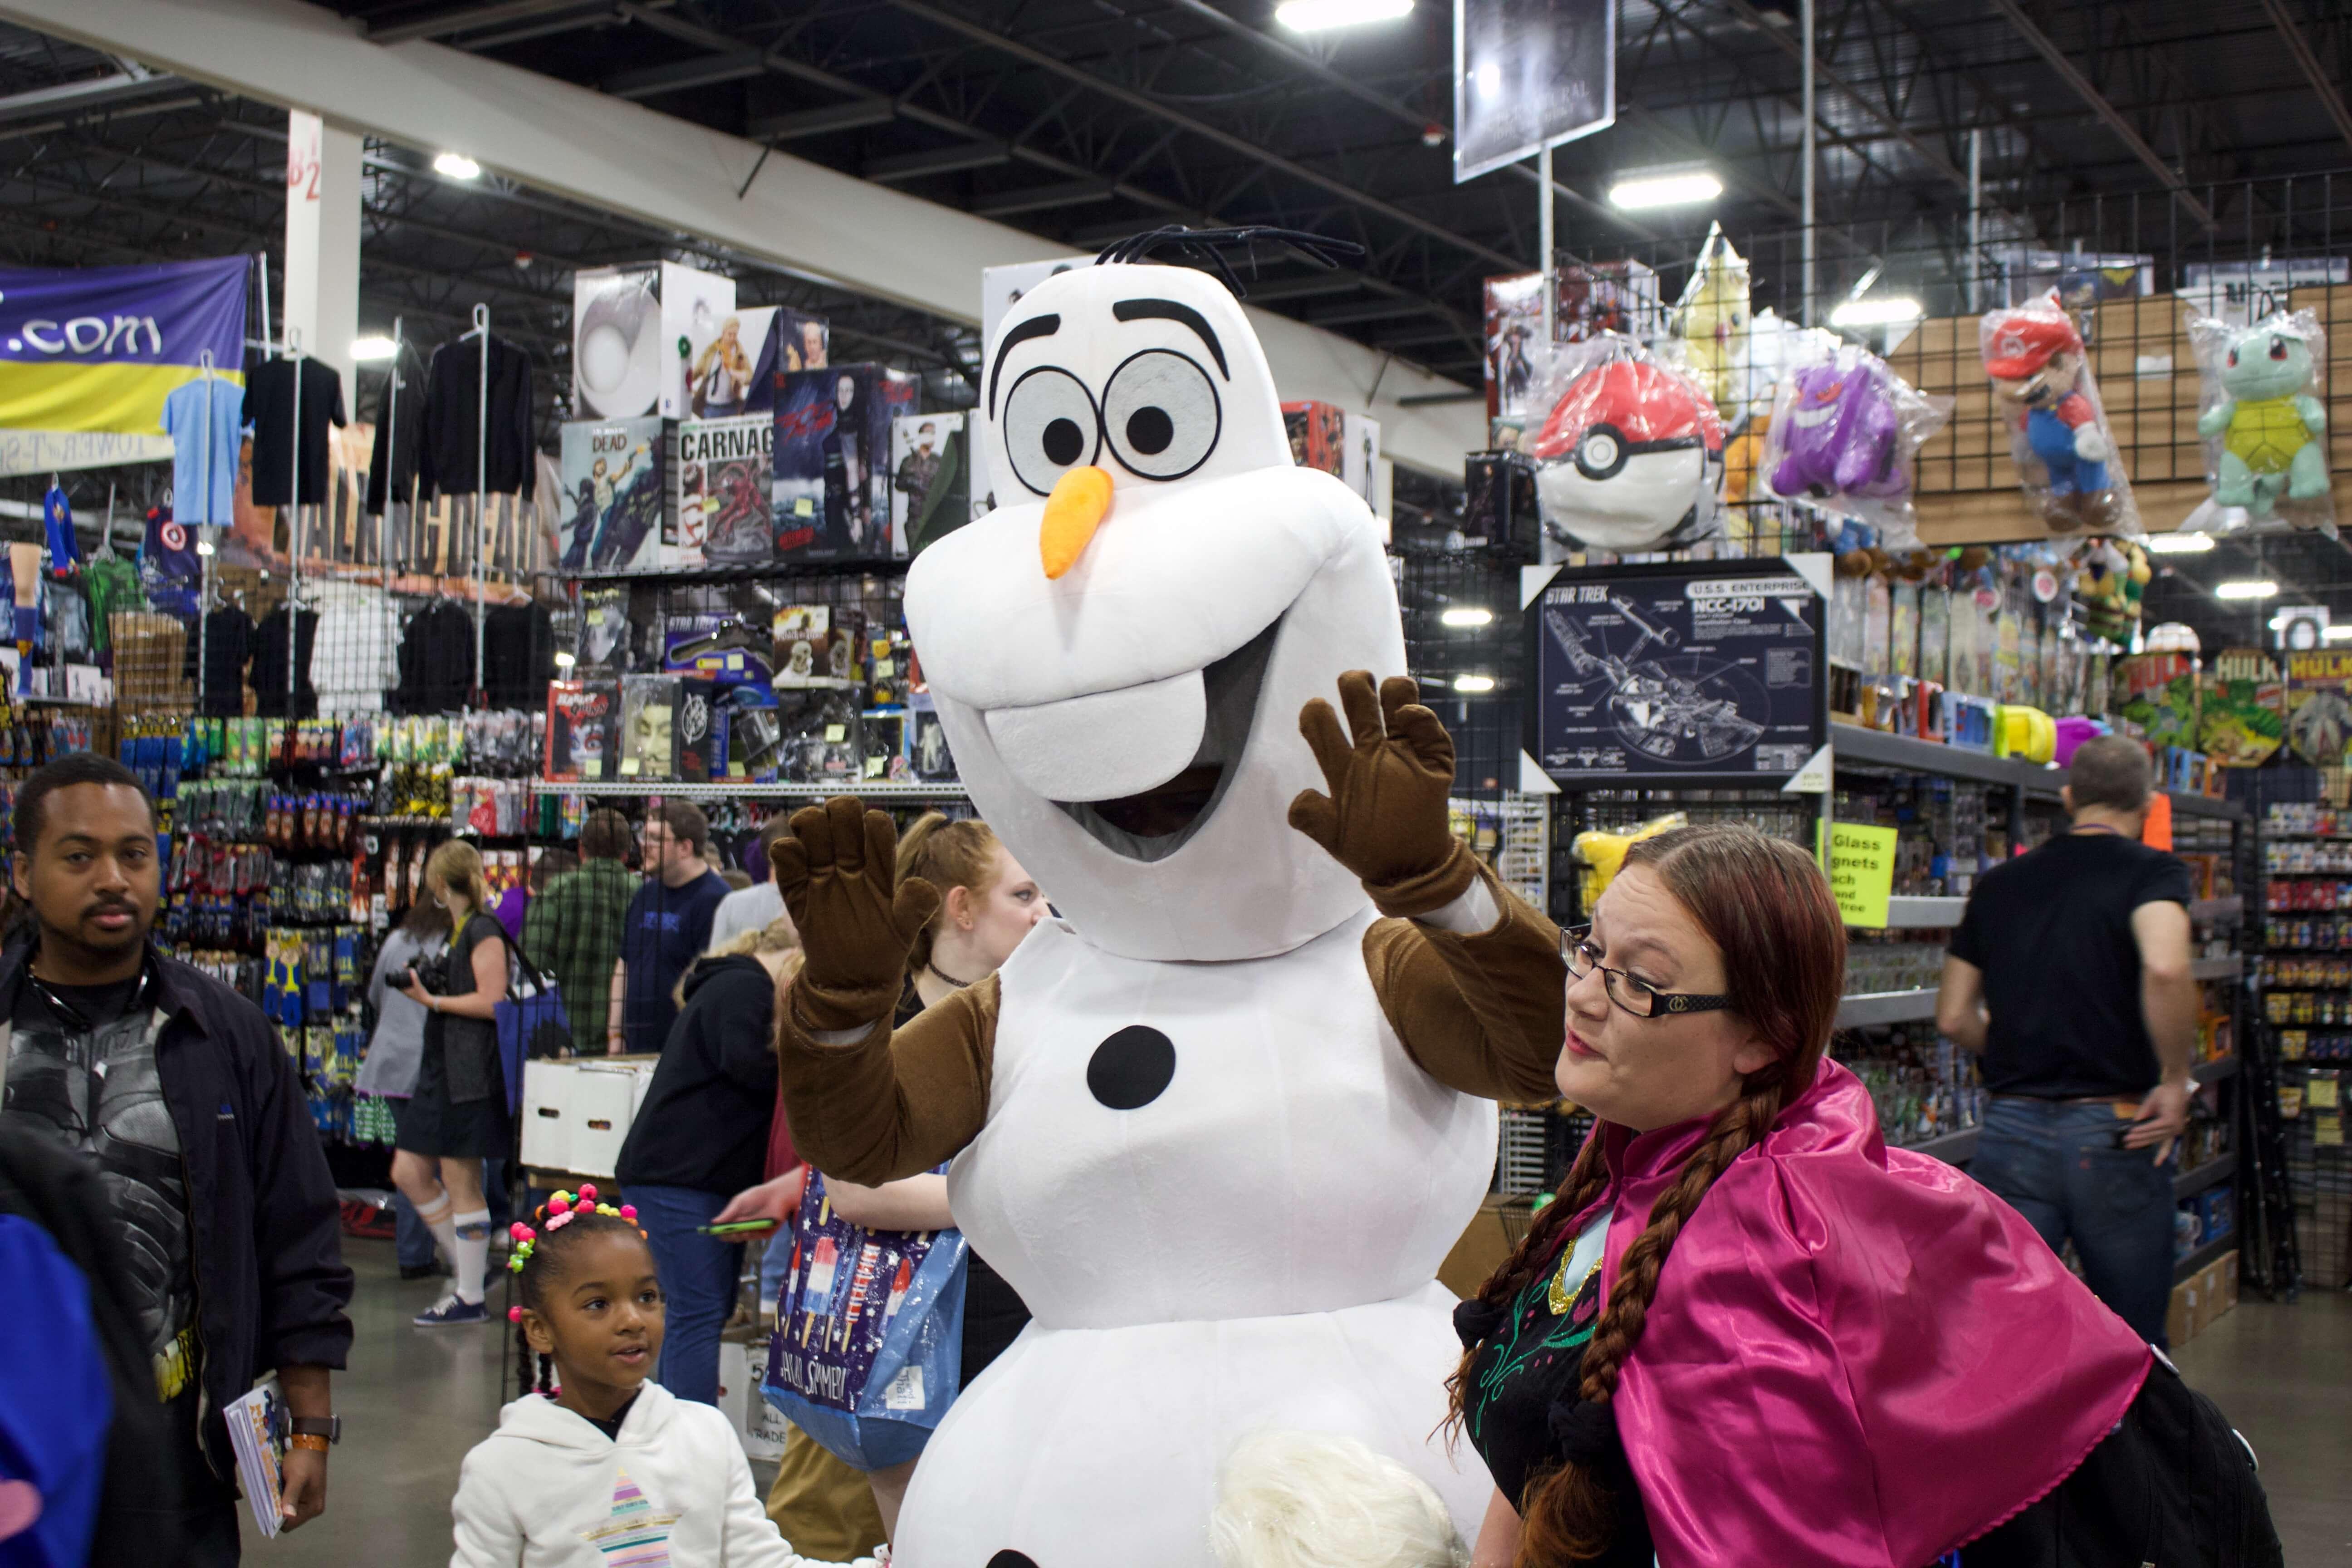 Friendly Olaf